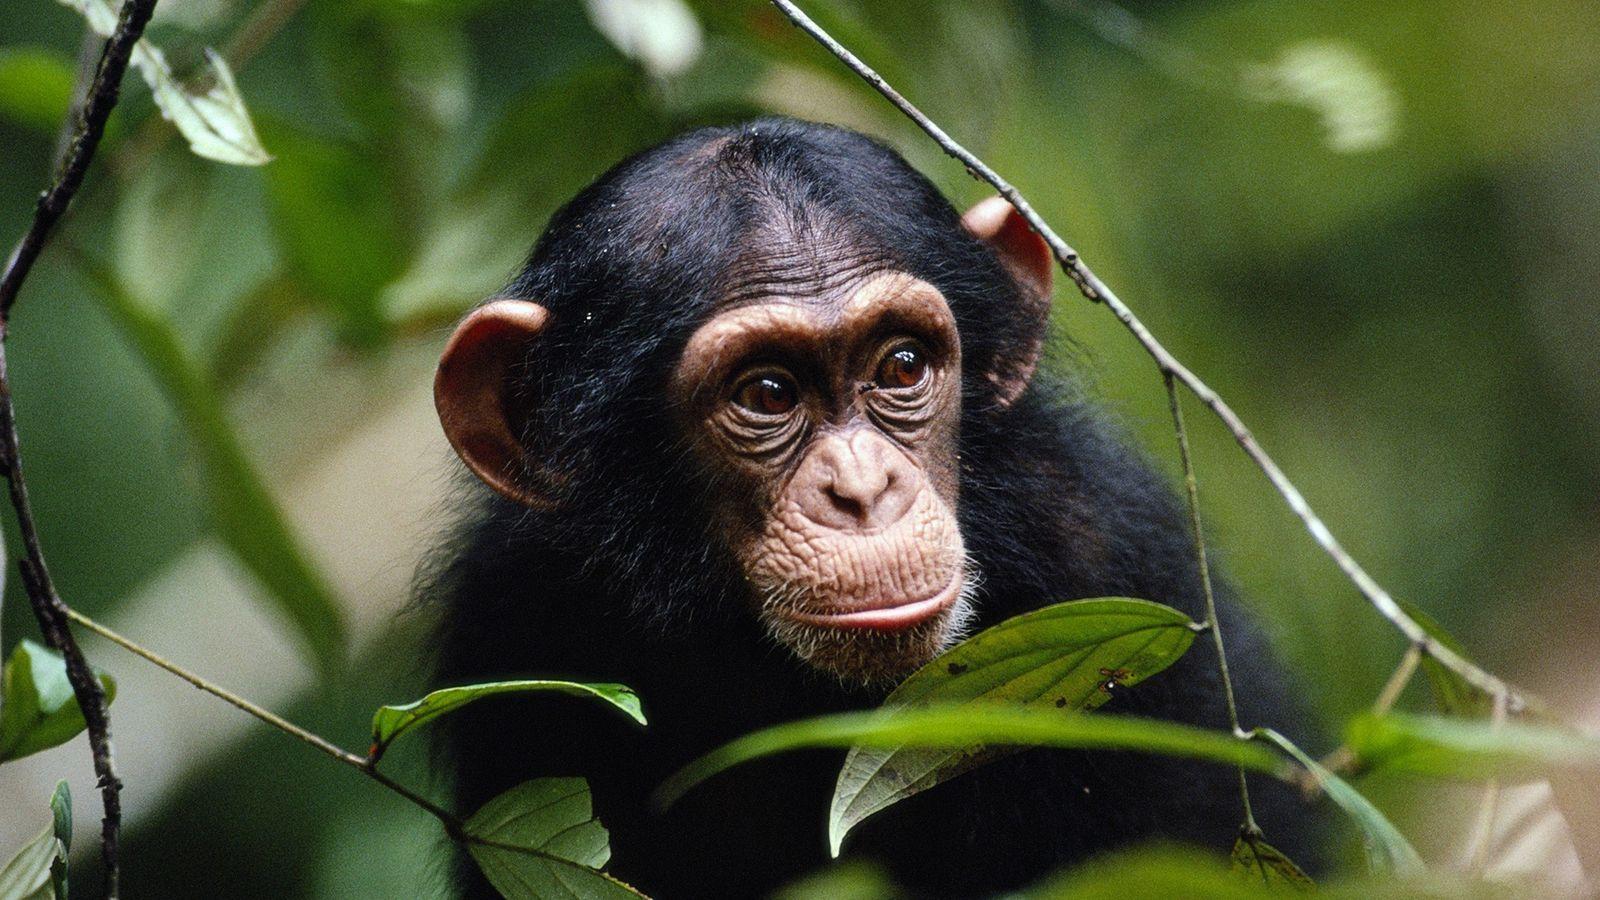 Schimpansen greifen mitunter Artgenossen an, die sichtbar krank sind, und vertreiben sie aus ihrer Gruppe.